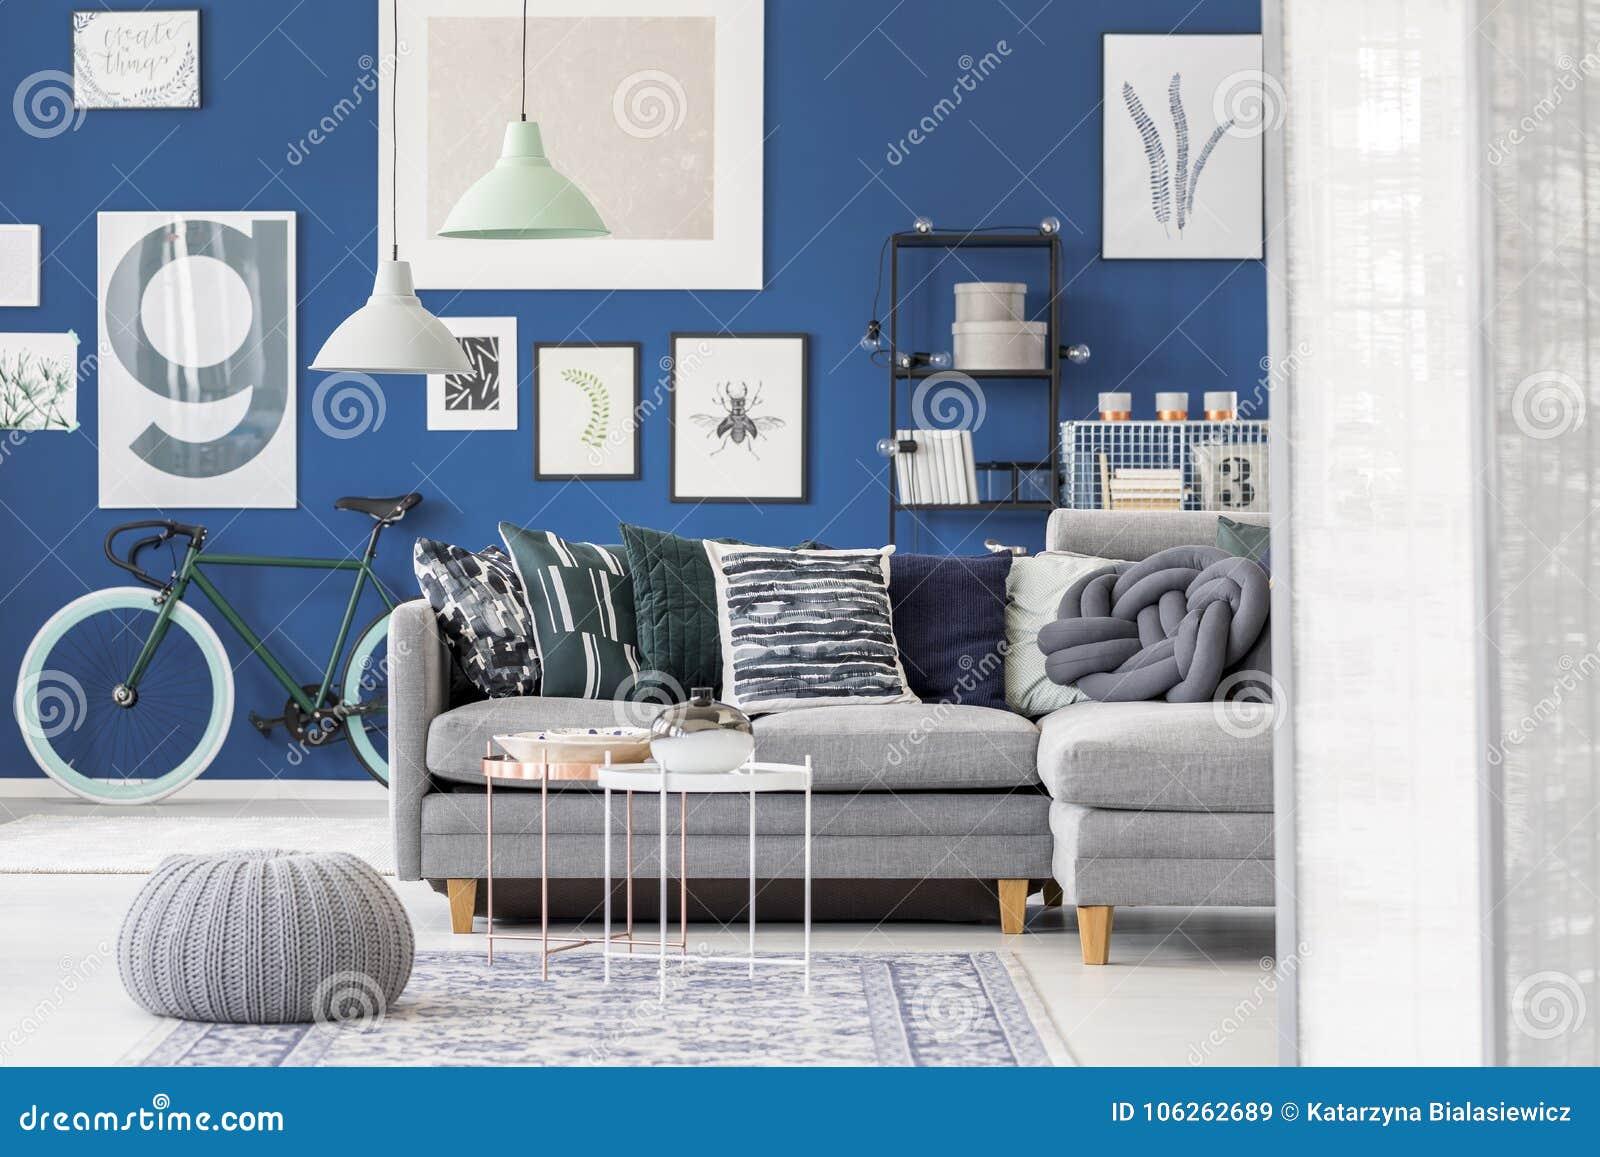 Pouf dans le salon bleu image stock. Image du gris, décor - 106262689